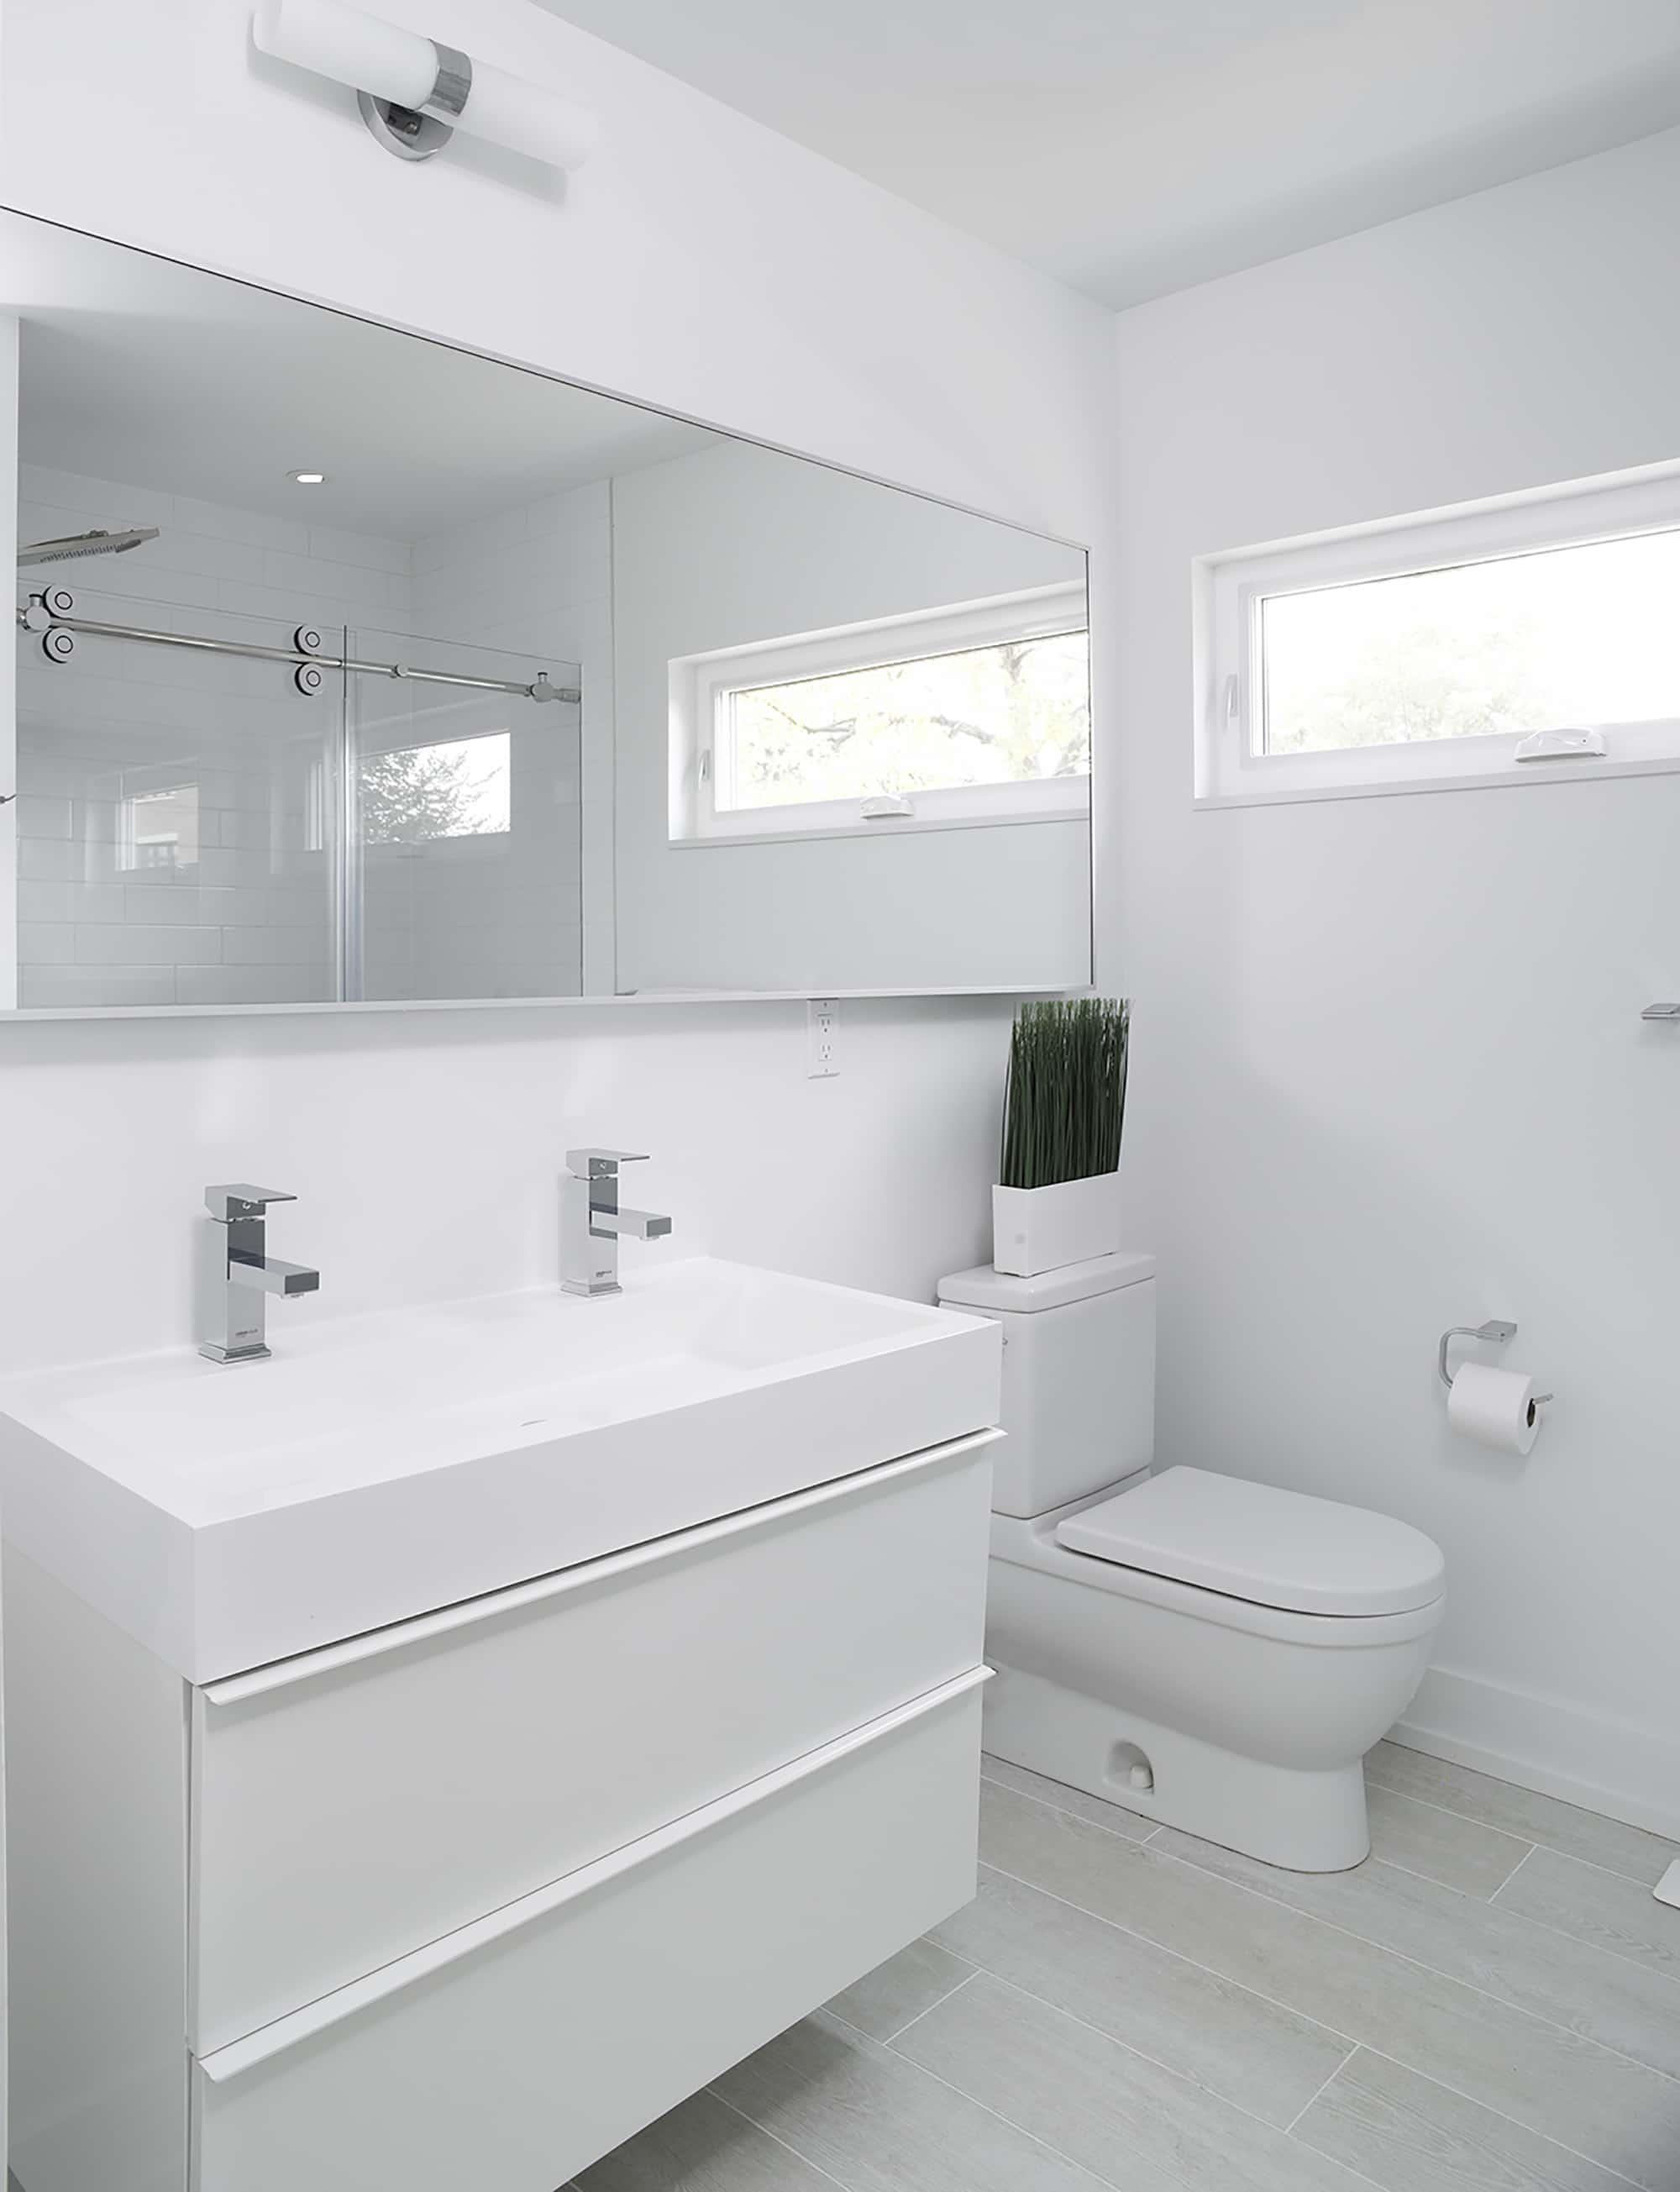 Diseno De Baños Para Fincas:Bano De Color Blanco